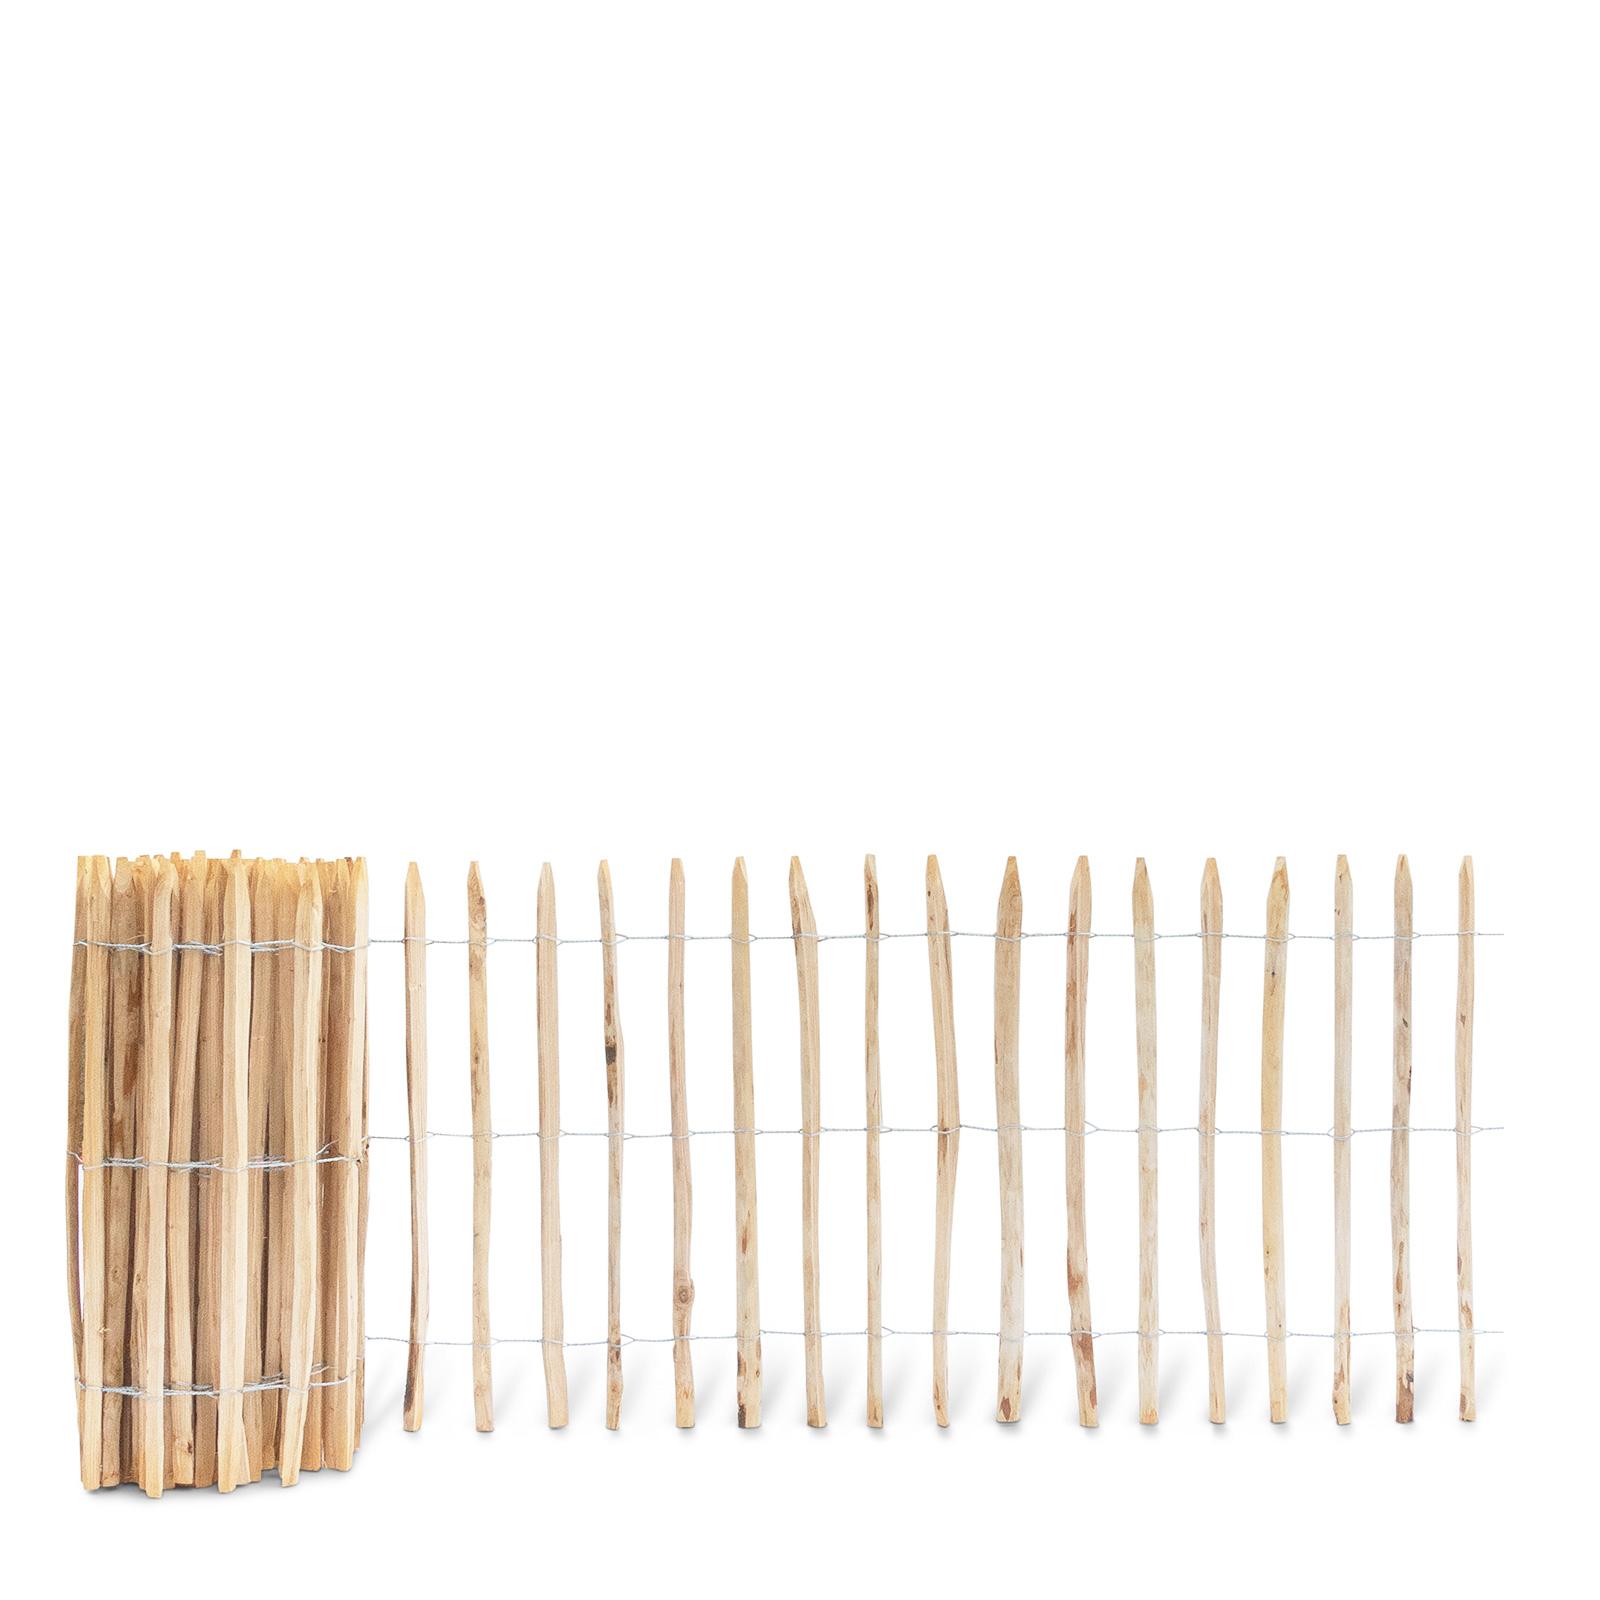 Französischer Staketenzaun aus Kastanienholz, 100 cm hoch mit einem Lattenabstand von 7-8 Zentimetern. Mit seinen angespitzten und verdrahteten Hölzern passt der schöne Zaun in jede Umgebung. Ganz ohne Pflege hält der natürliche Gartenzaun rund 20 Jahre.